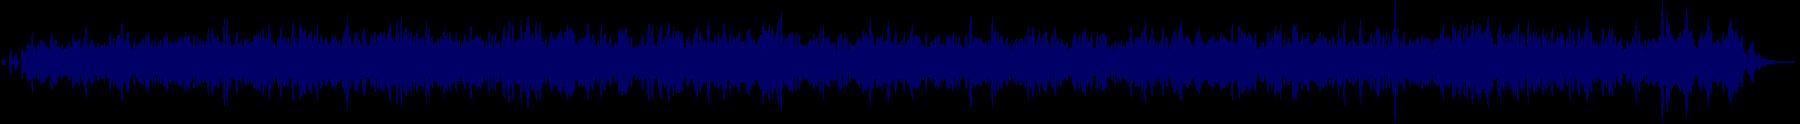 waveform of track #70735